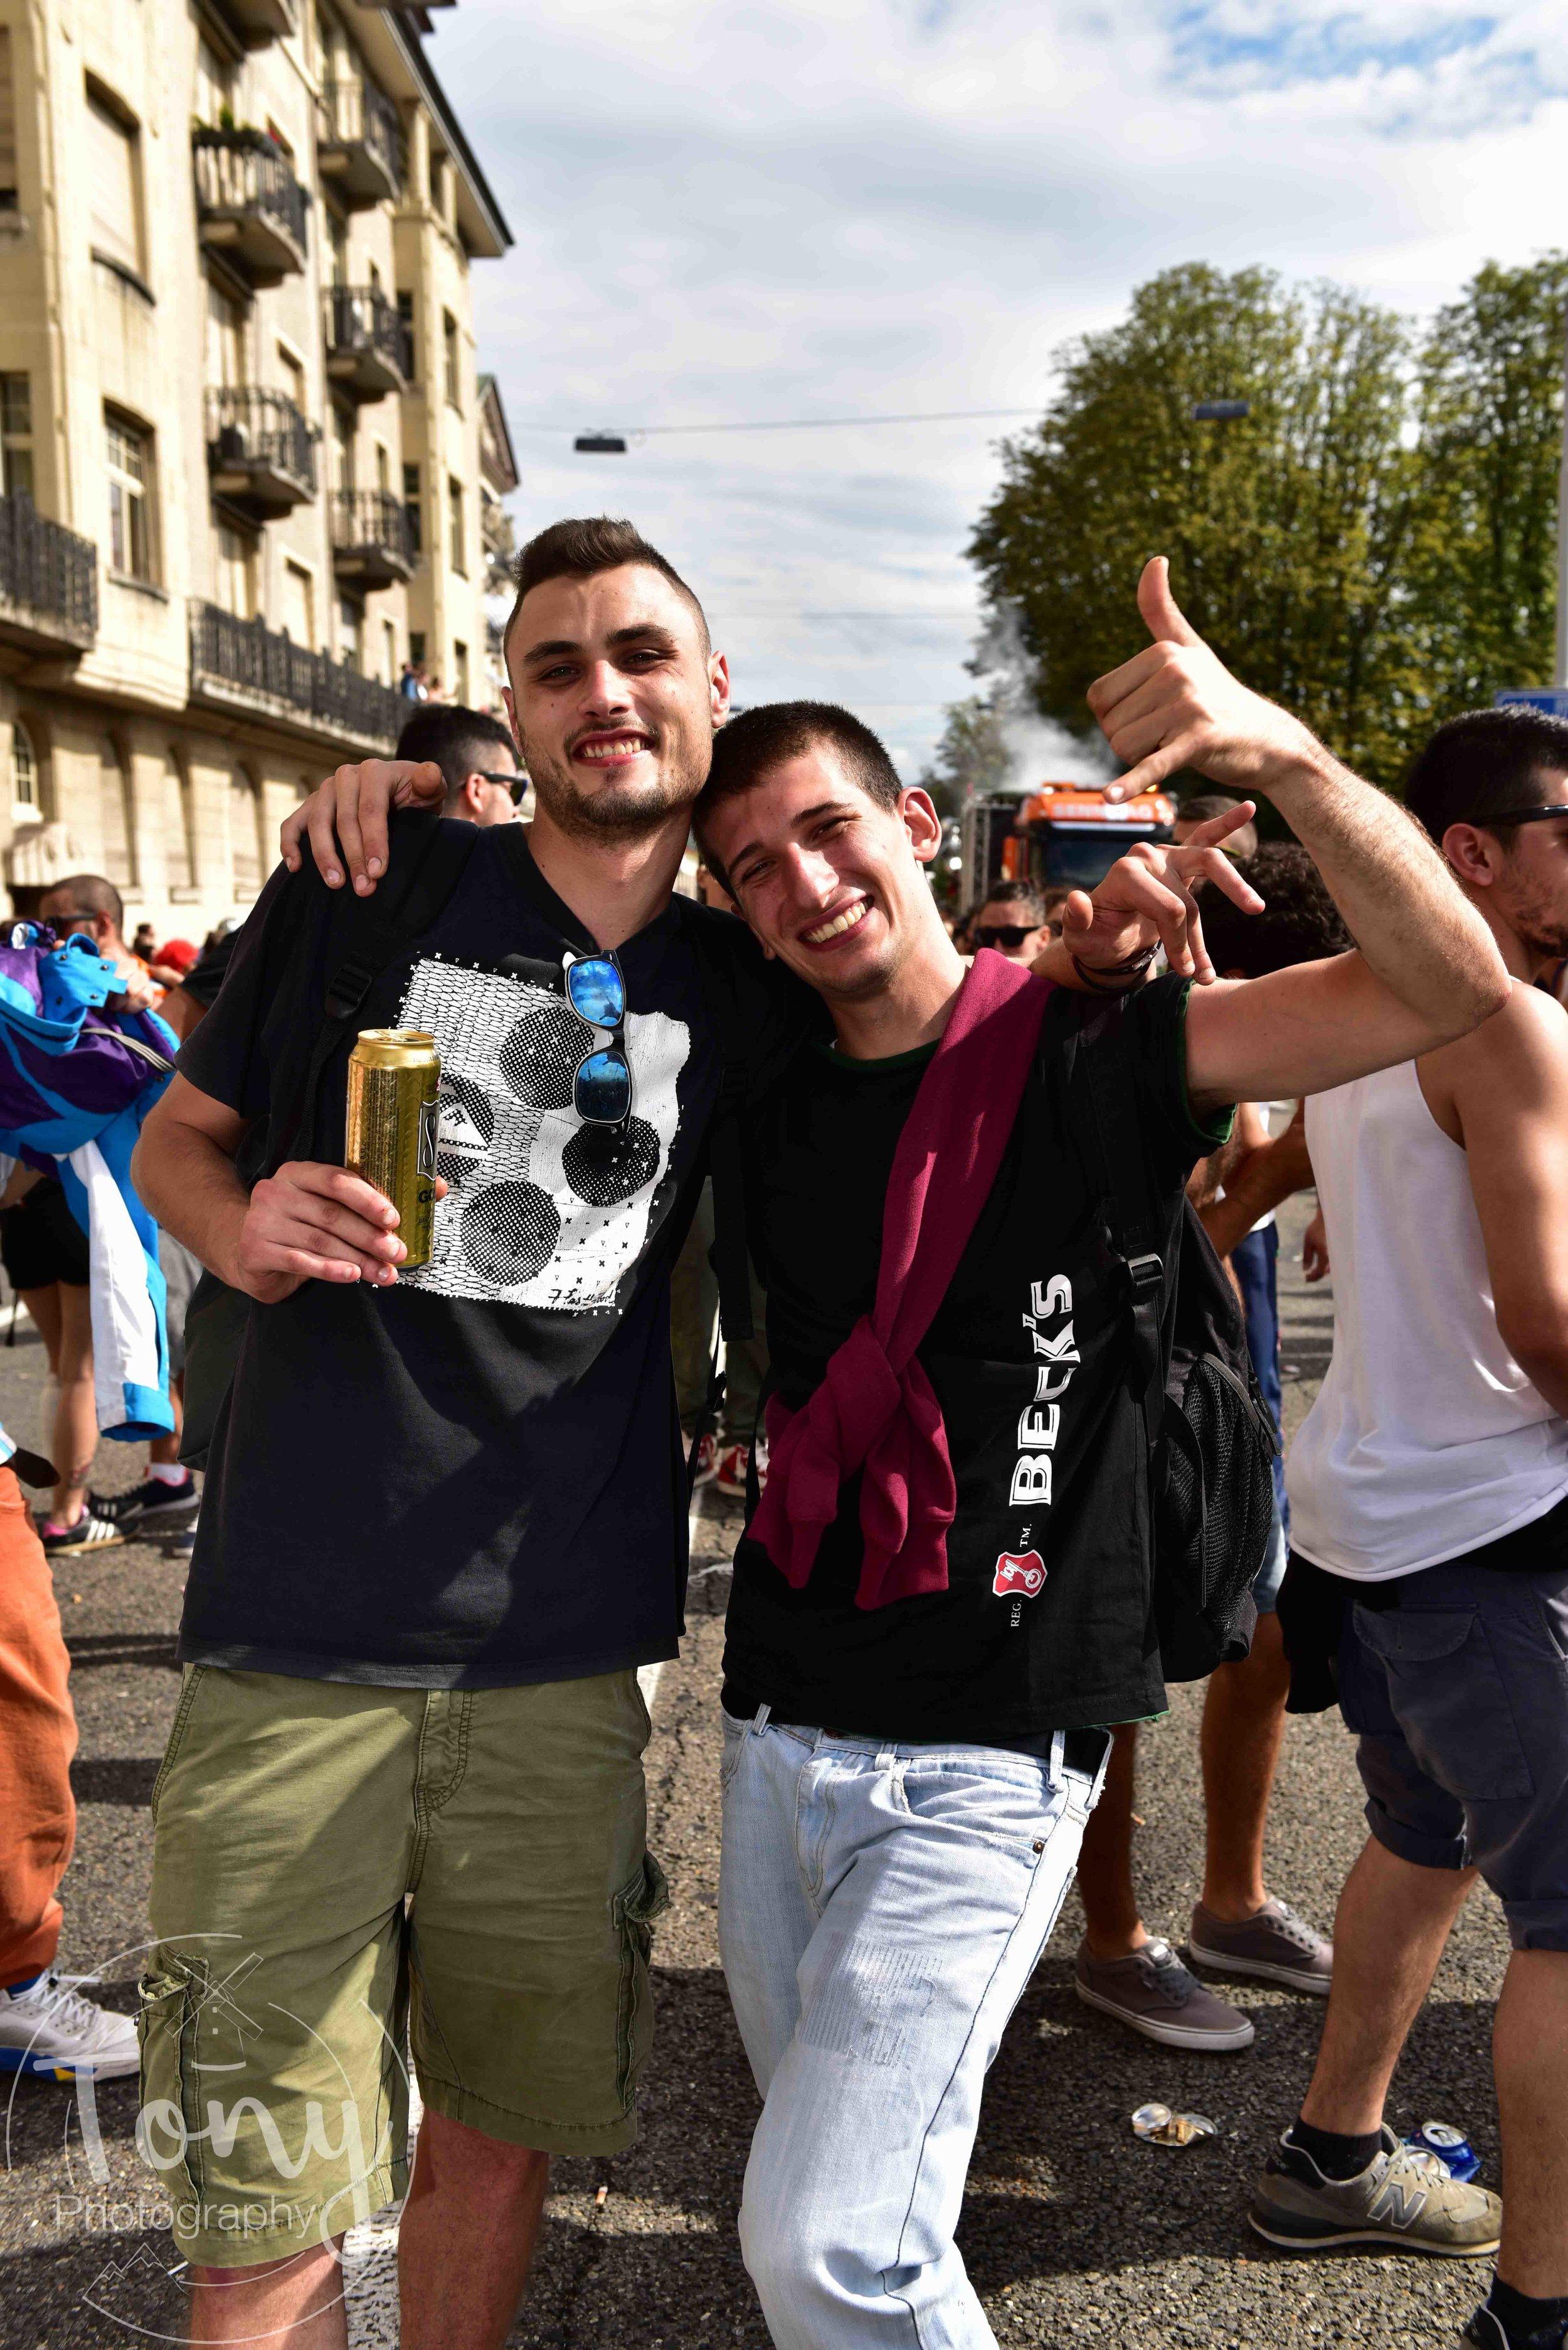 streetparade-163.jpg